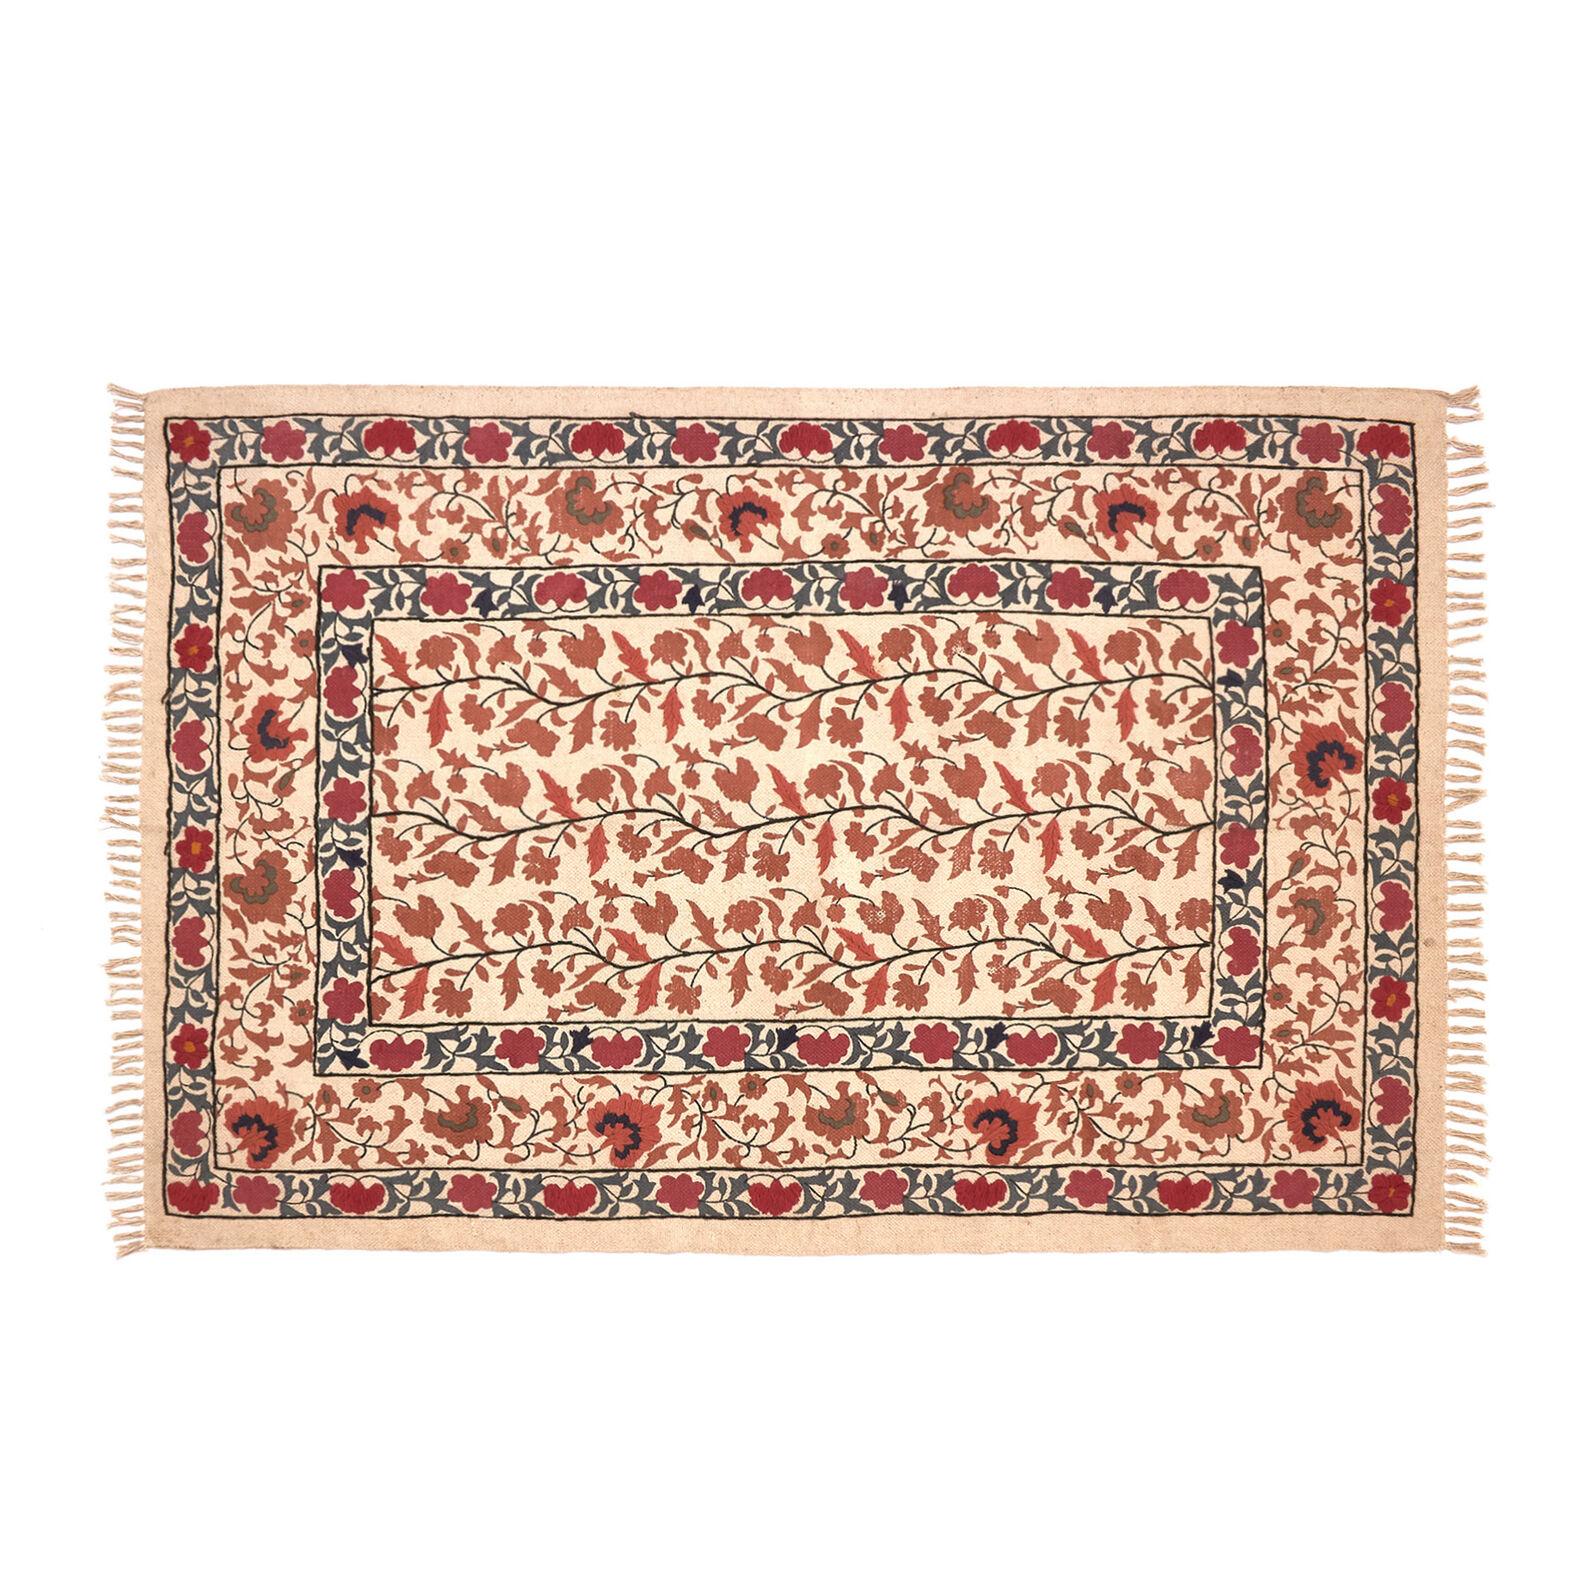 Tappeto puro cotone motivo floreale